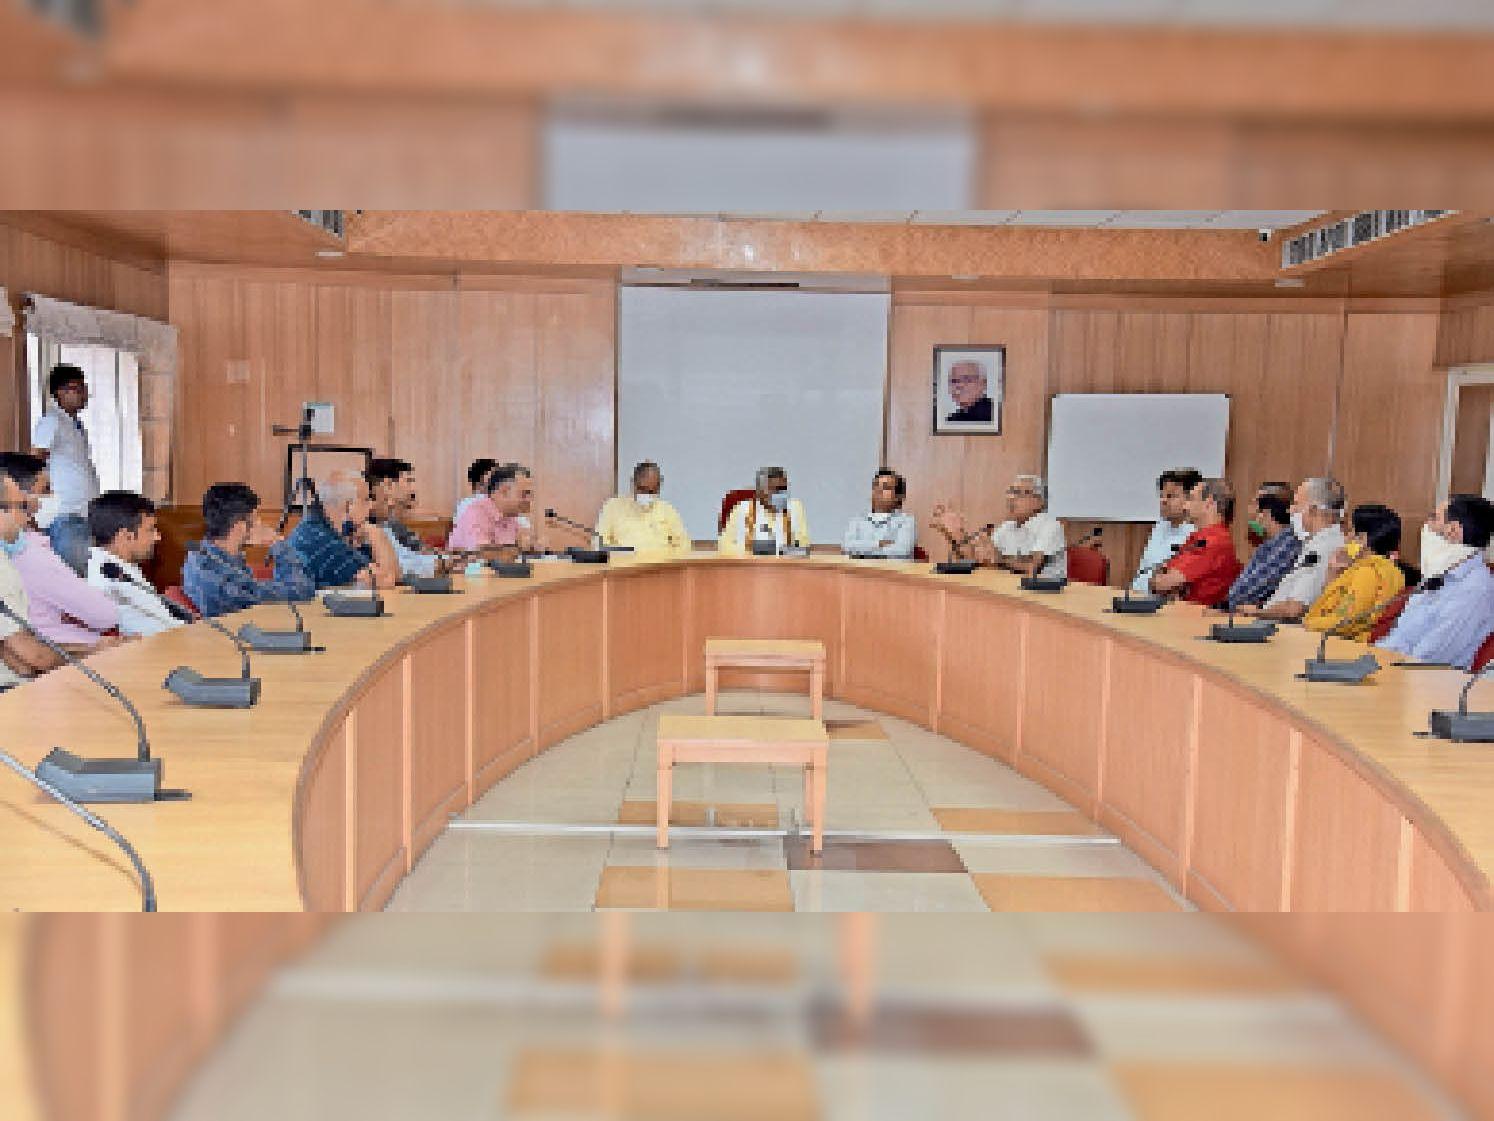 छोटूराम विवि में आयोजित कार्यक्रम में हिंदी दिवस पर विचार व्यक्त करते हुए साहित्यकार संतराम देशवाल। - Dainik Bhaskar